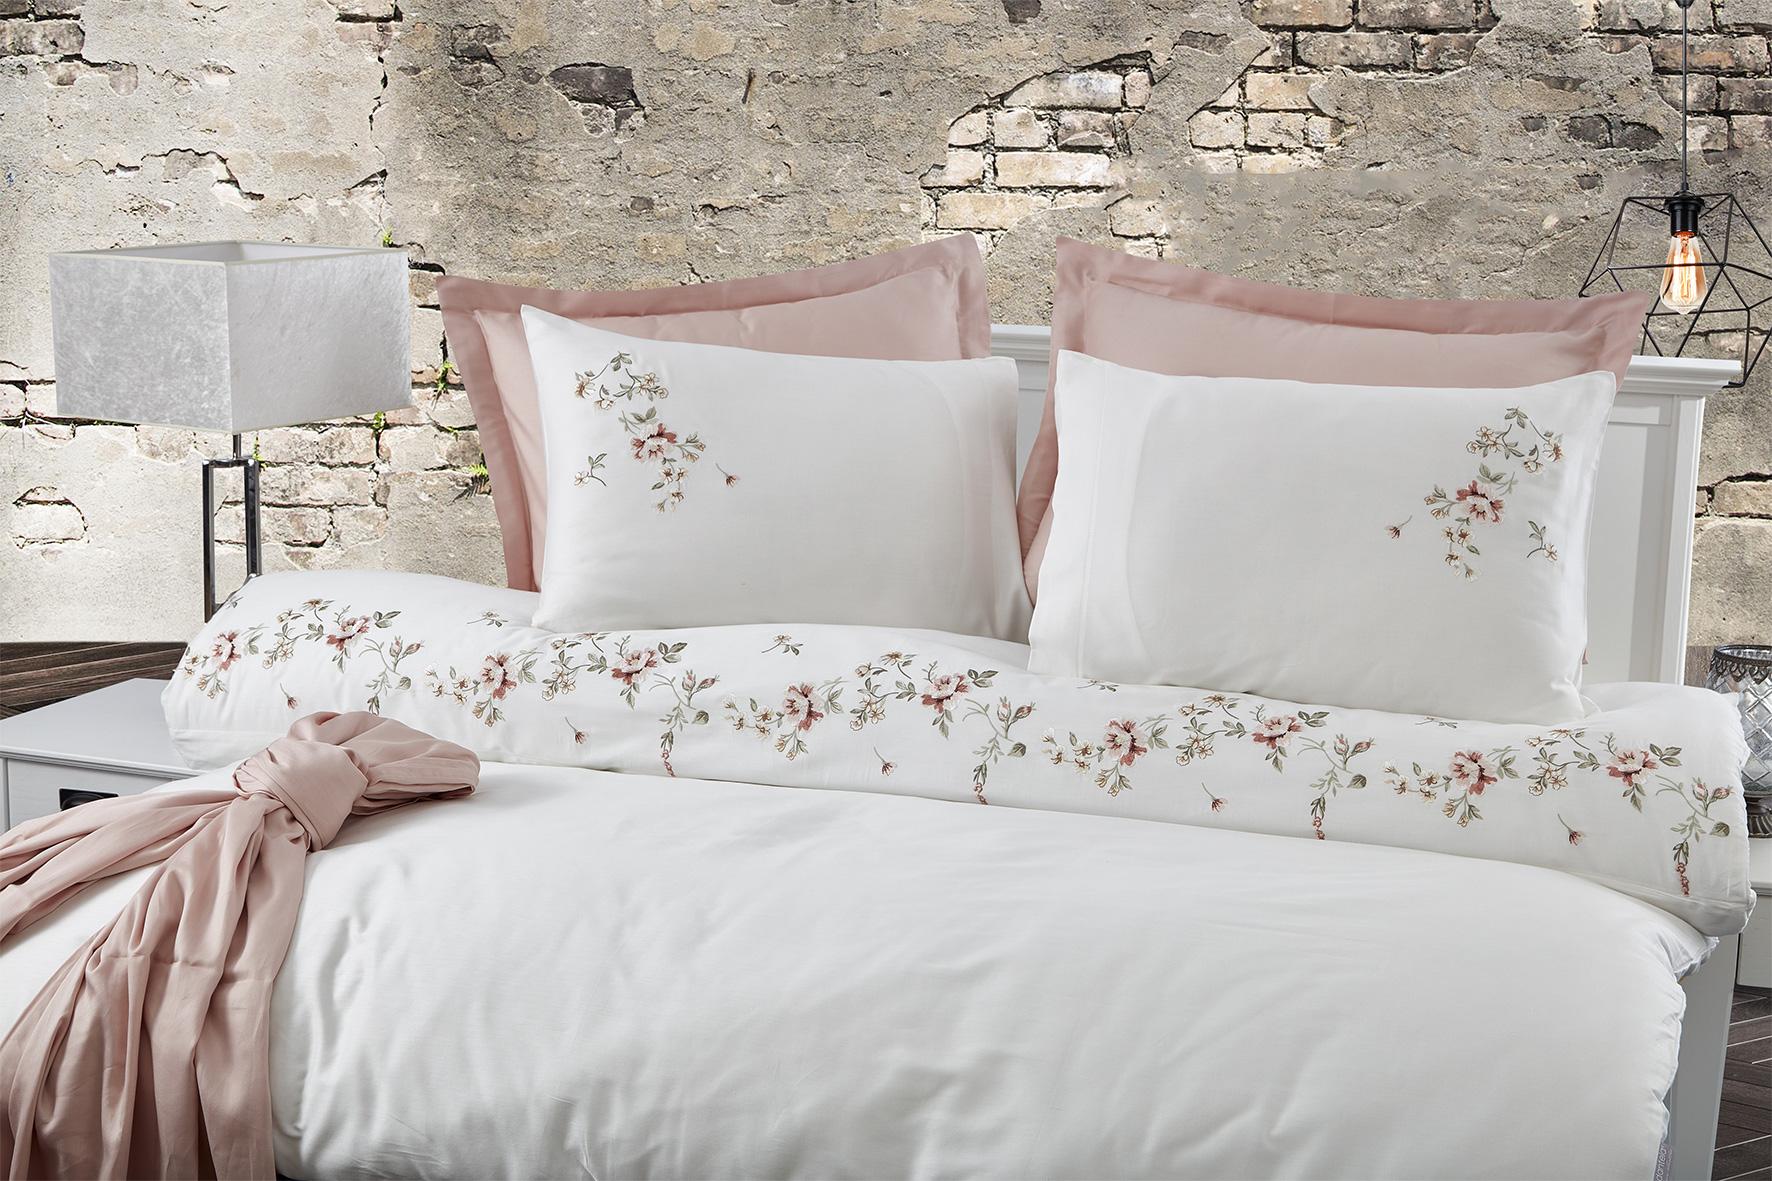 Сатиновое постельное белье с вышивкой 11425 Ahenk кремовый Doco